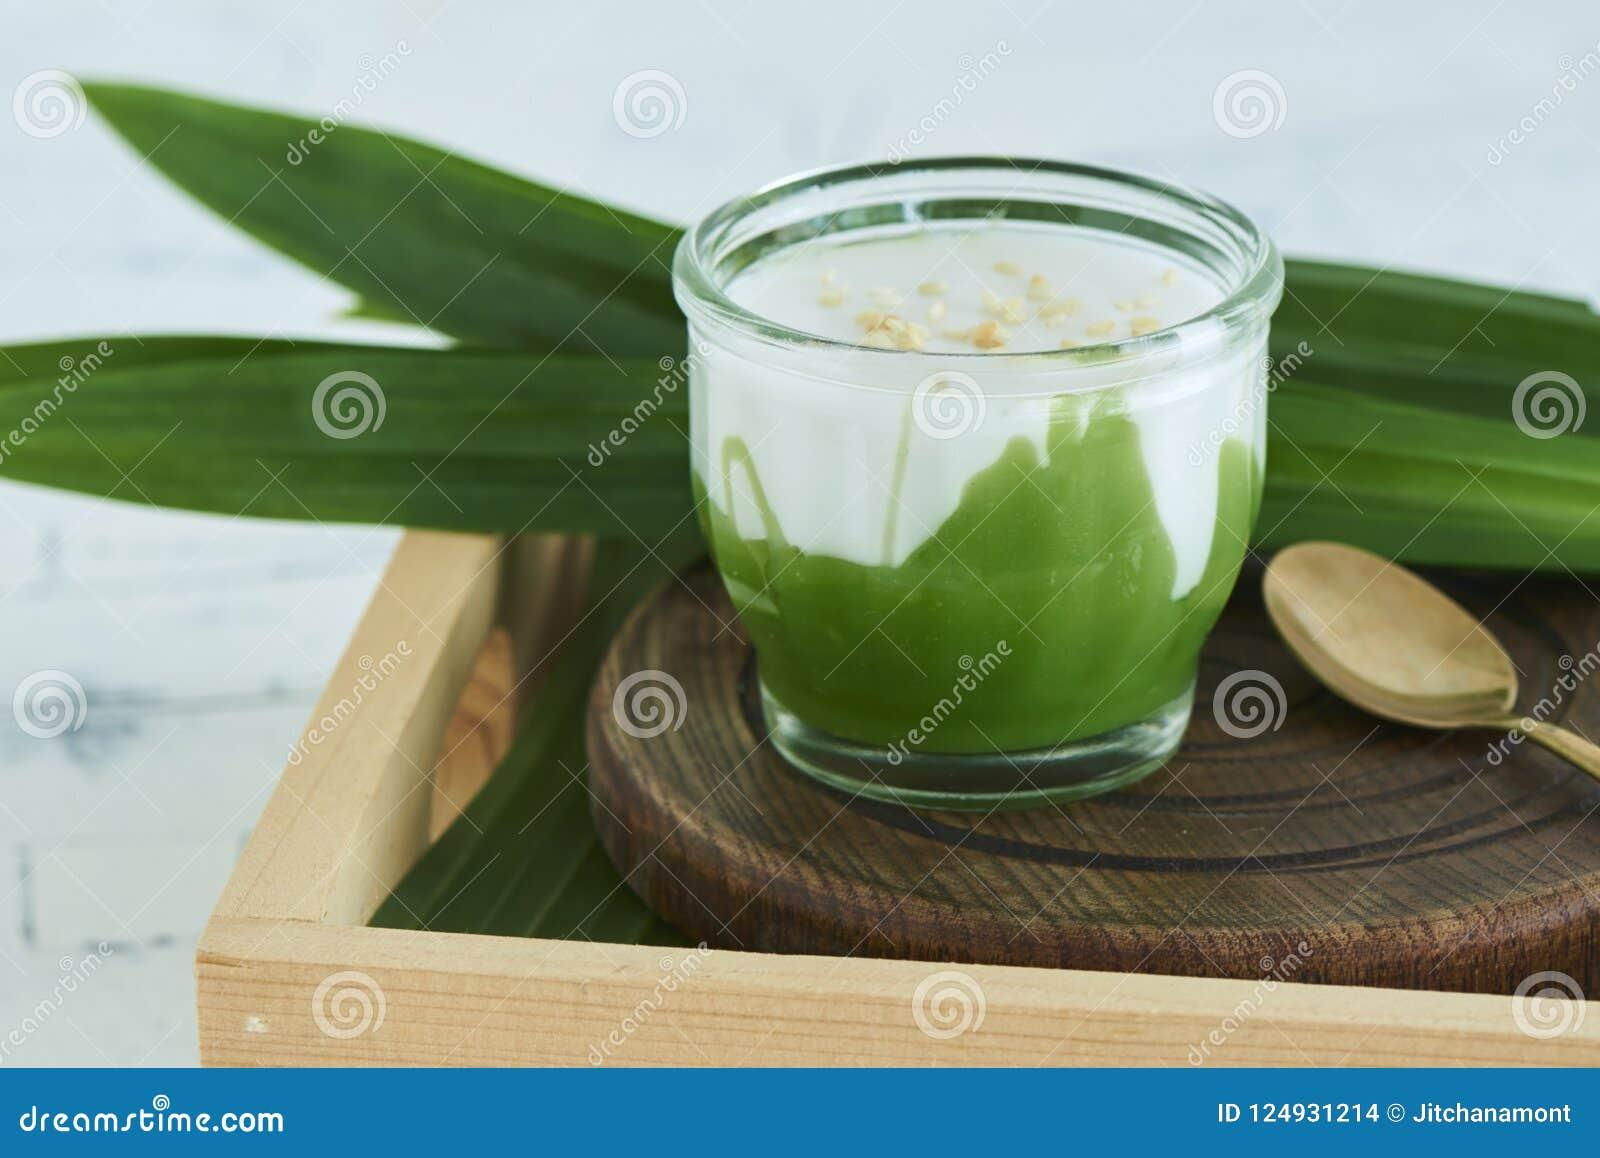 Μέγιστο Poon Bai Tuey Kati Sod ` ταϊλανδικό γλυκό ` Kanom